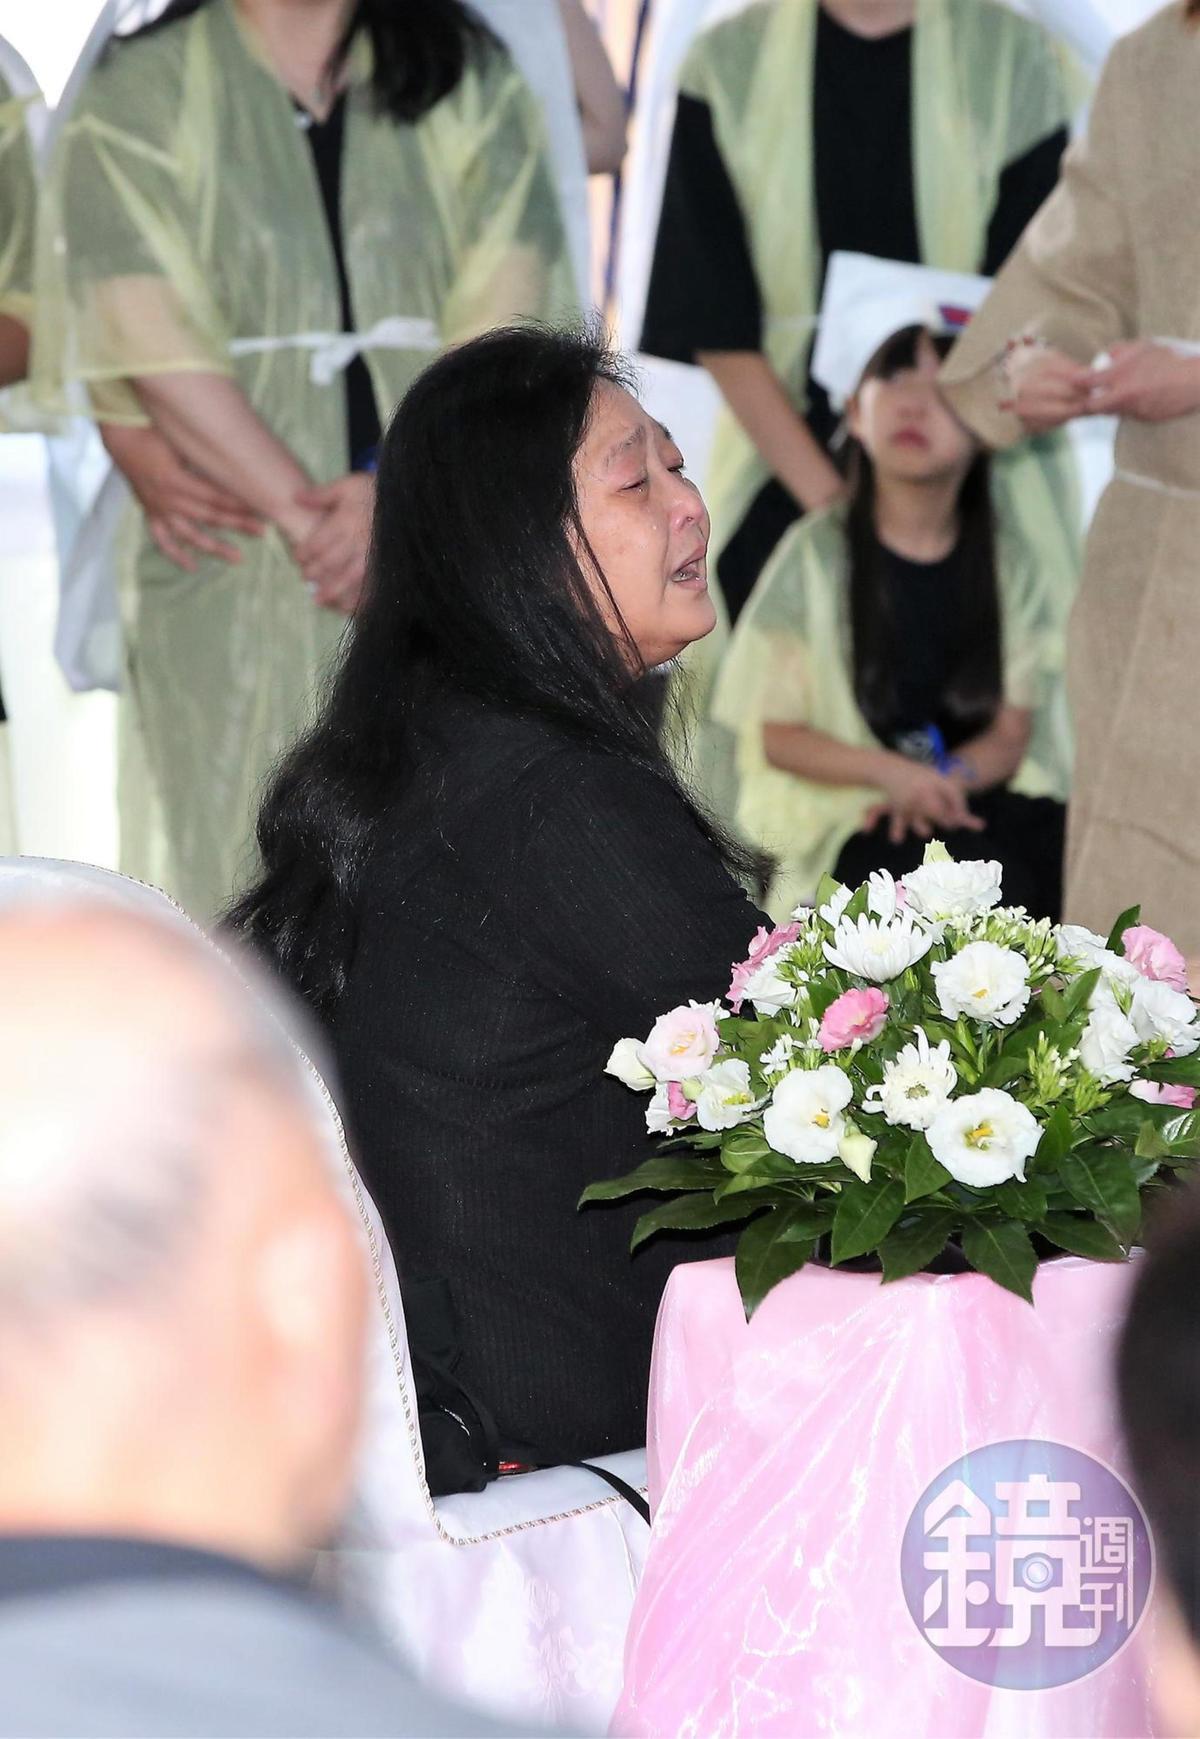 馬如龍遺孀沛小嵐現場不斷啜泣。